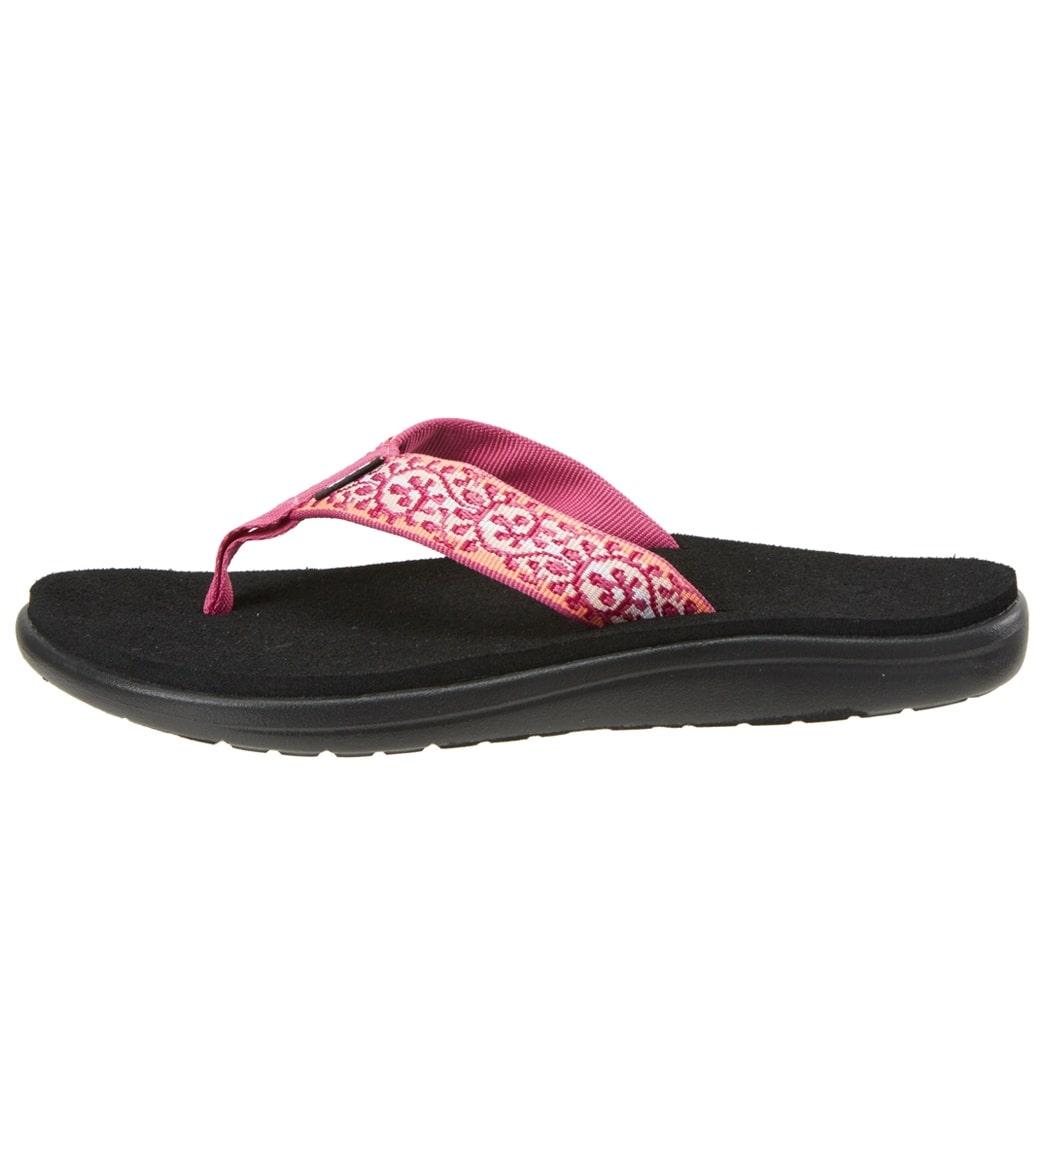 9155a542982a6f Teva Women s Voya Flip Flop at SwimOutlet.com